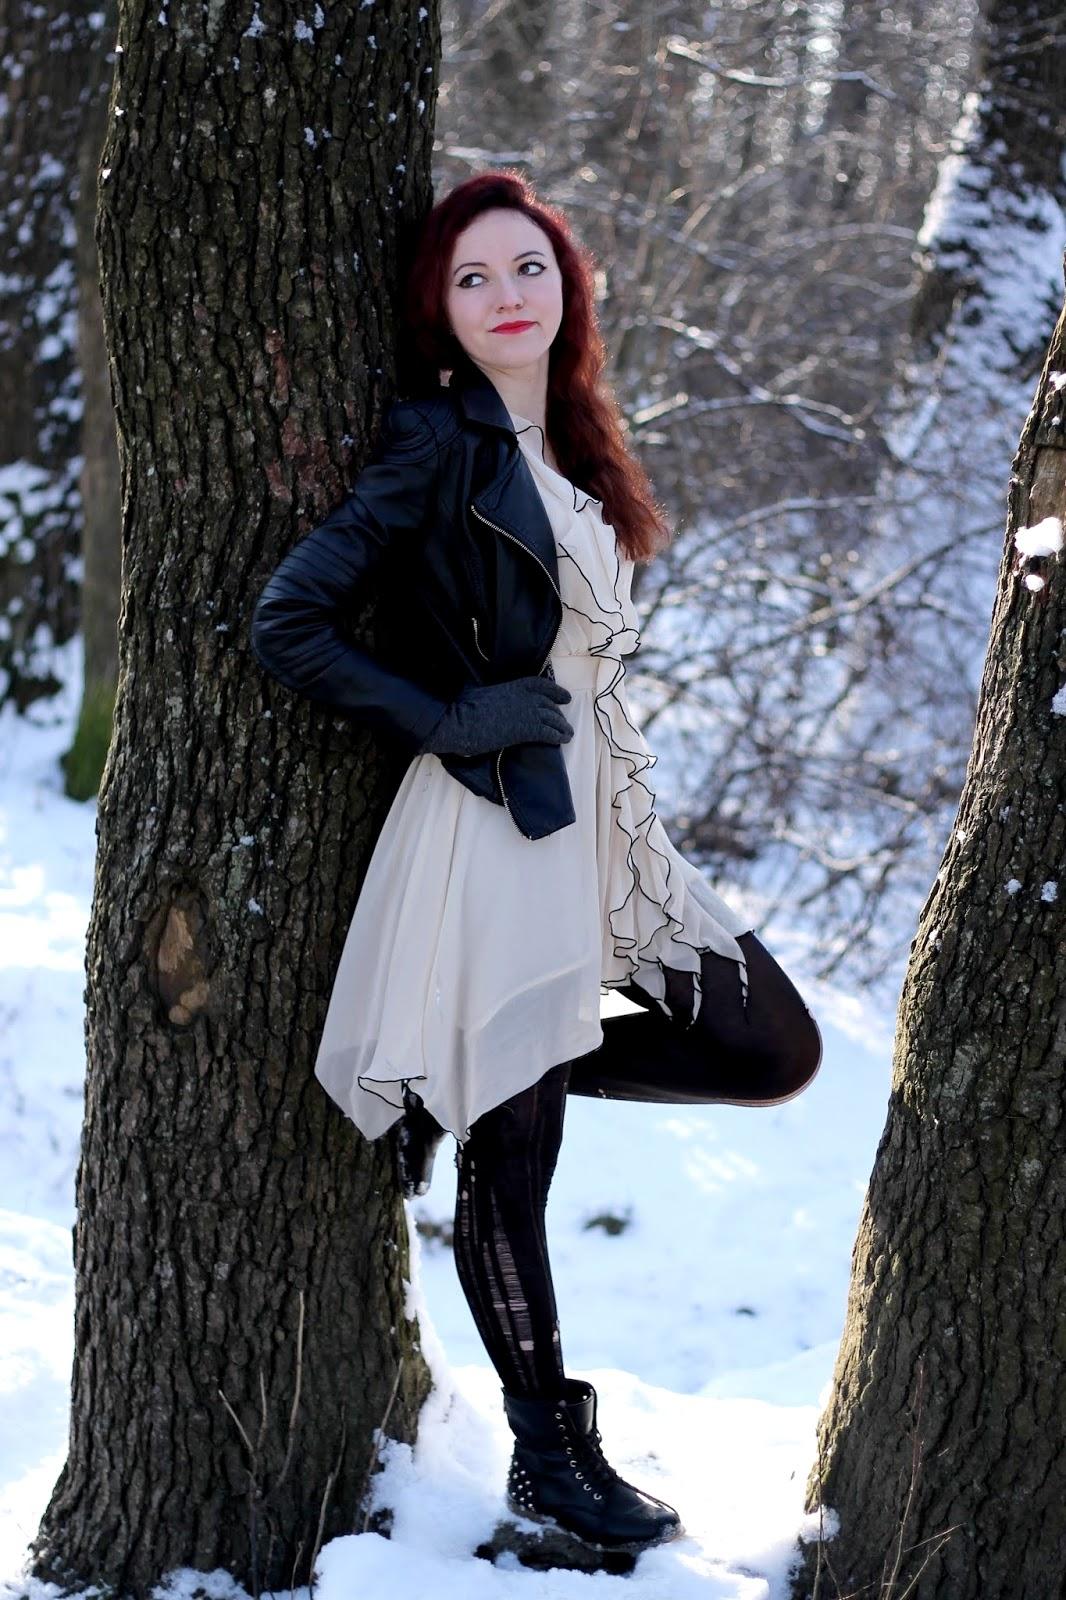 Beżowa sukienka z falbankami na jedno ramię czarne obramowania, dziurawe rajstopy, skórzana kurtka ramoneska czarna, czarne szpilki, czarne botki